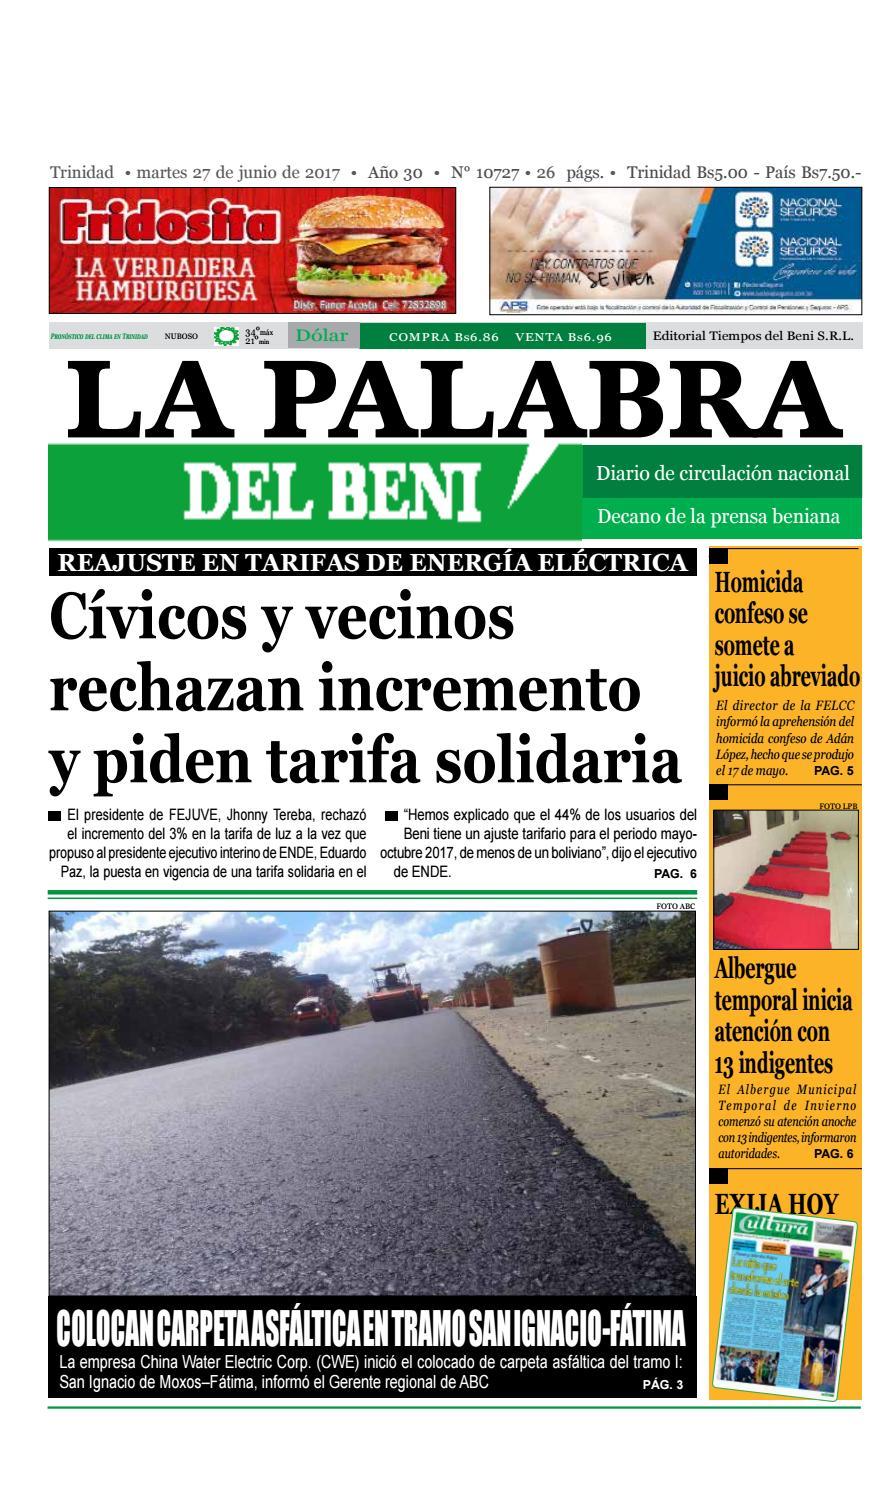 La Palabra del Beni, 27 de Junio de 2017 by La Palabra del Beni - issuu